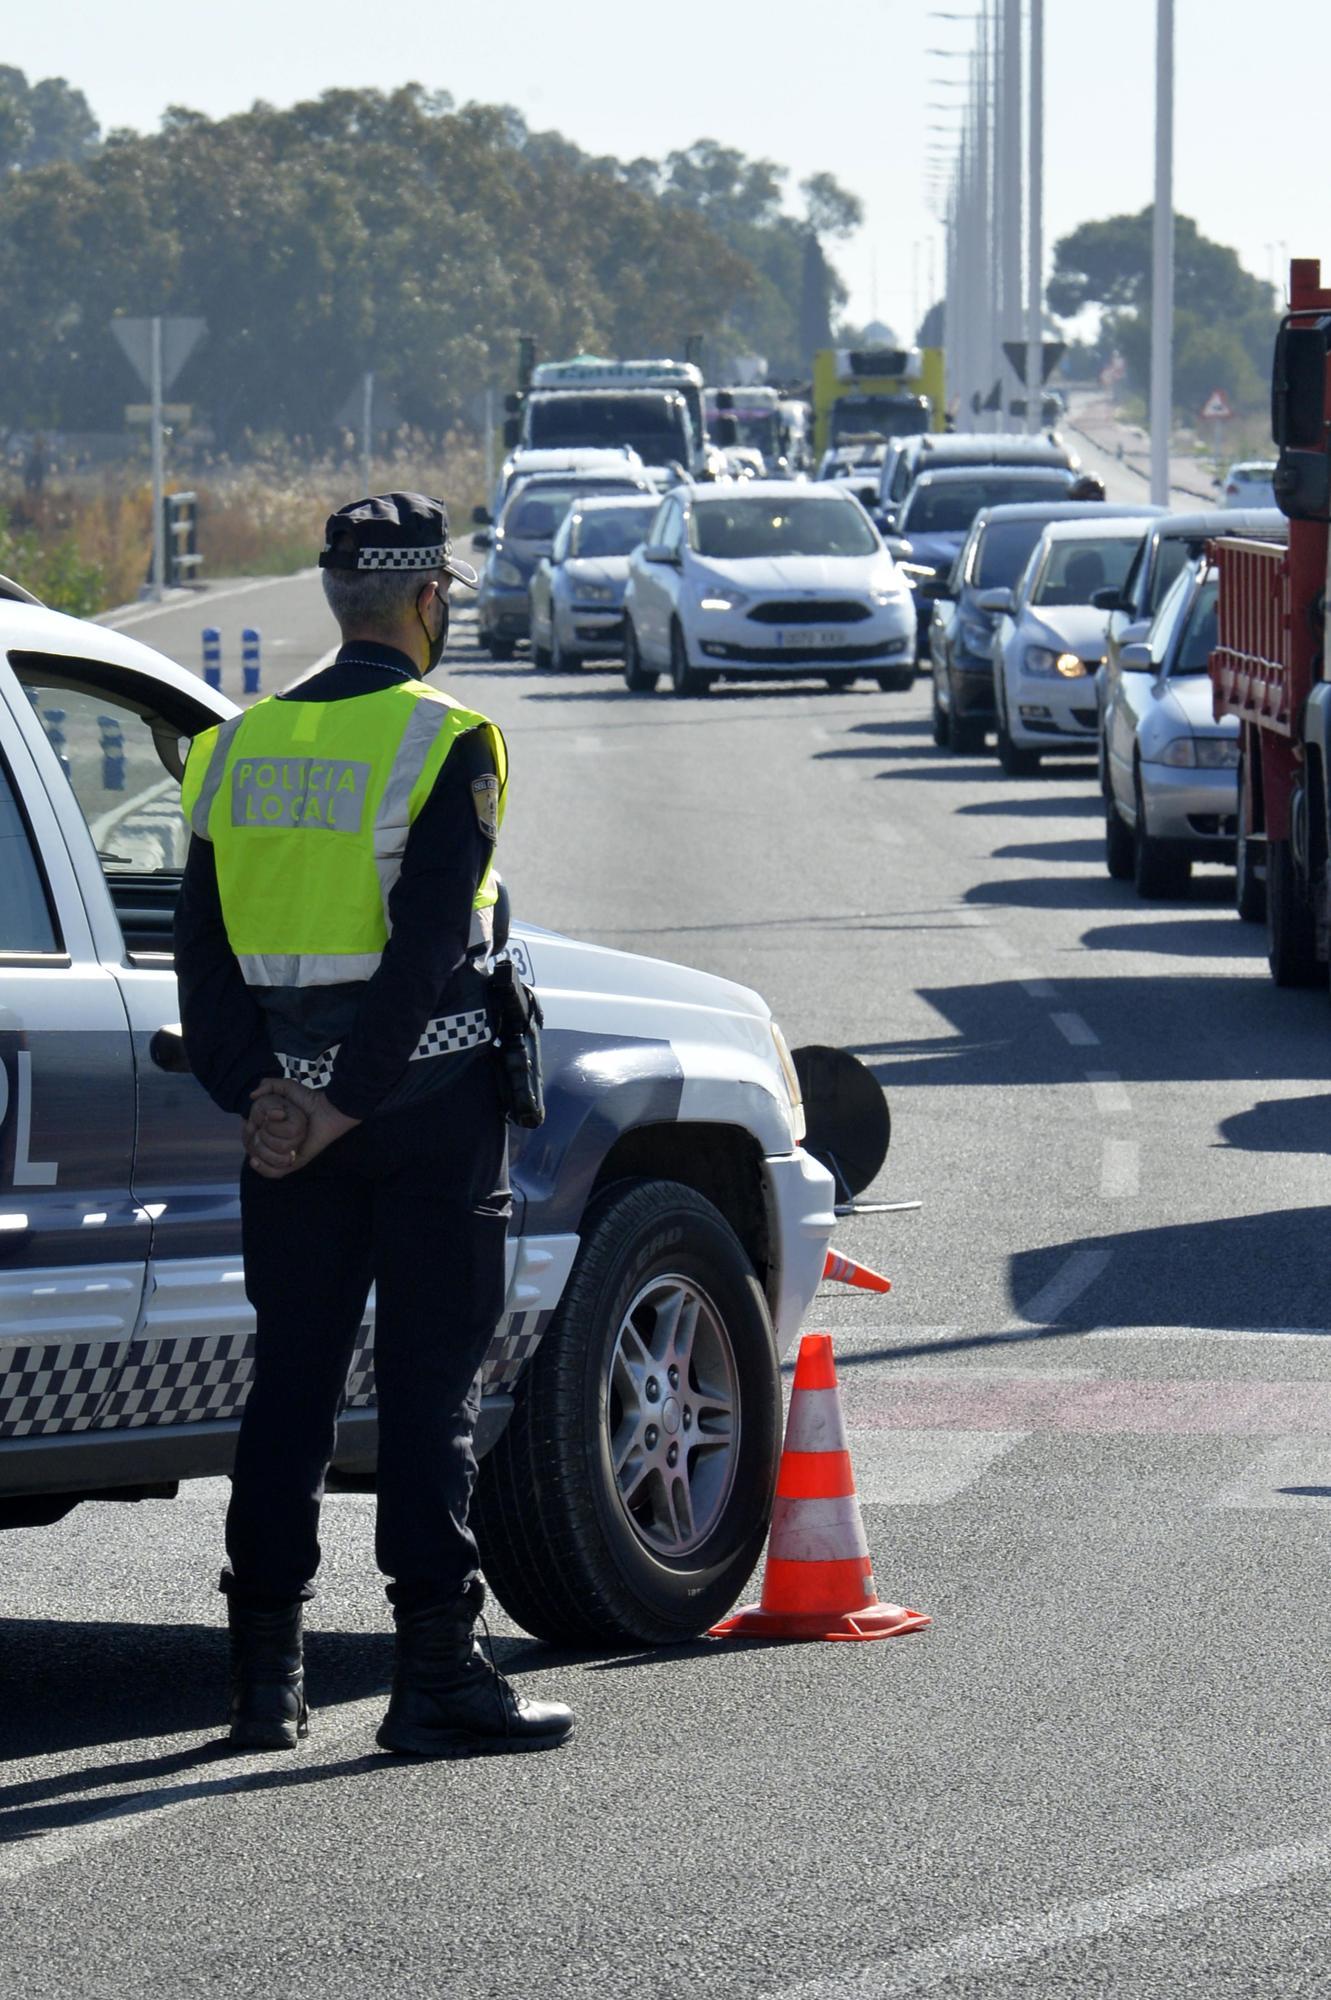 La Policía Local de Elche impone 75 sanciones por incumplir el cierre perimetral